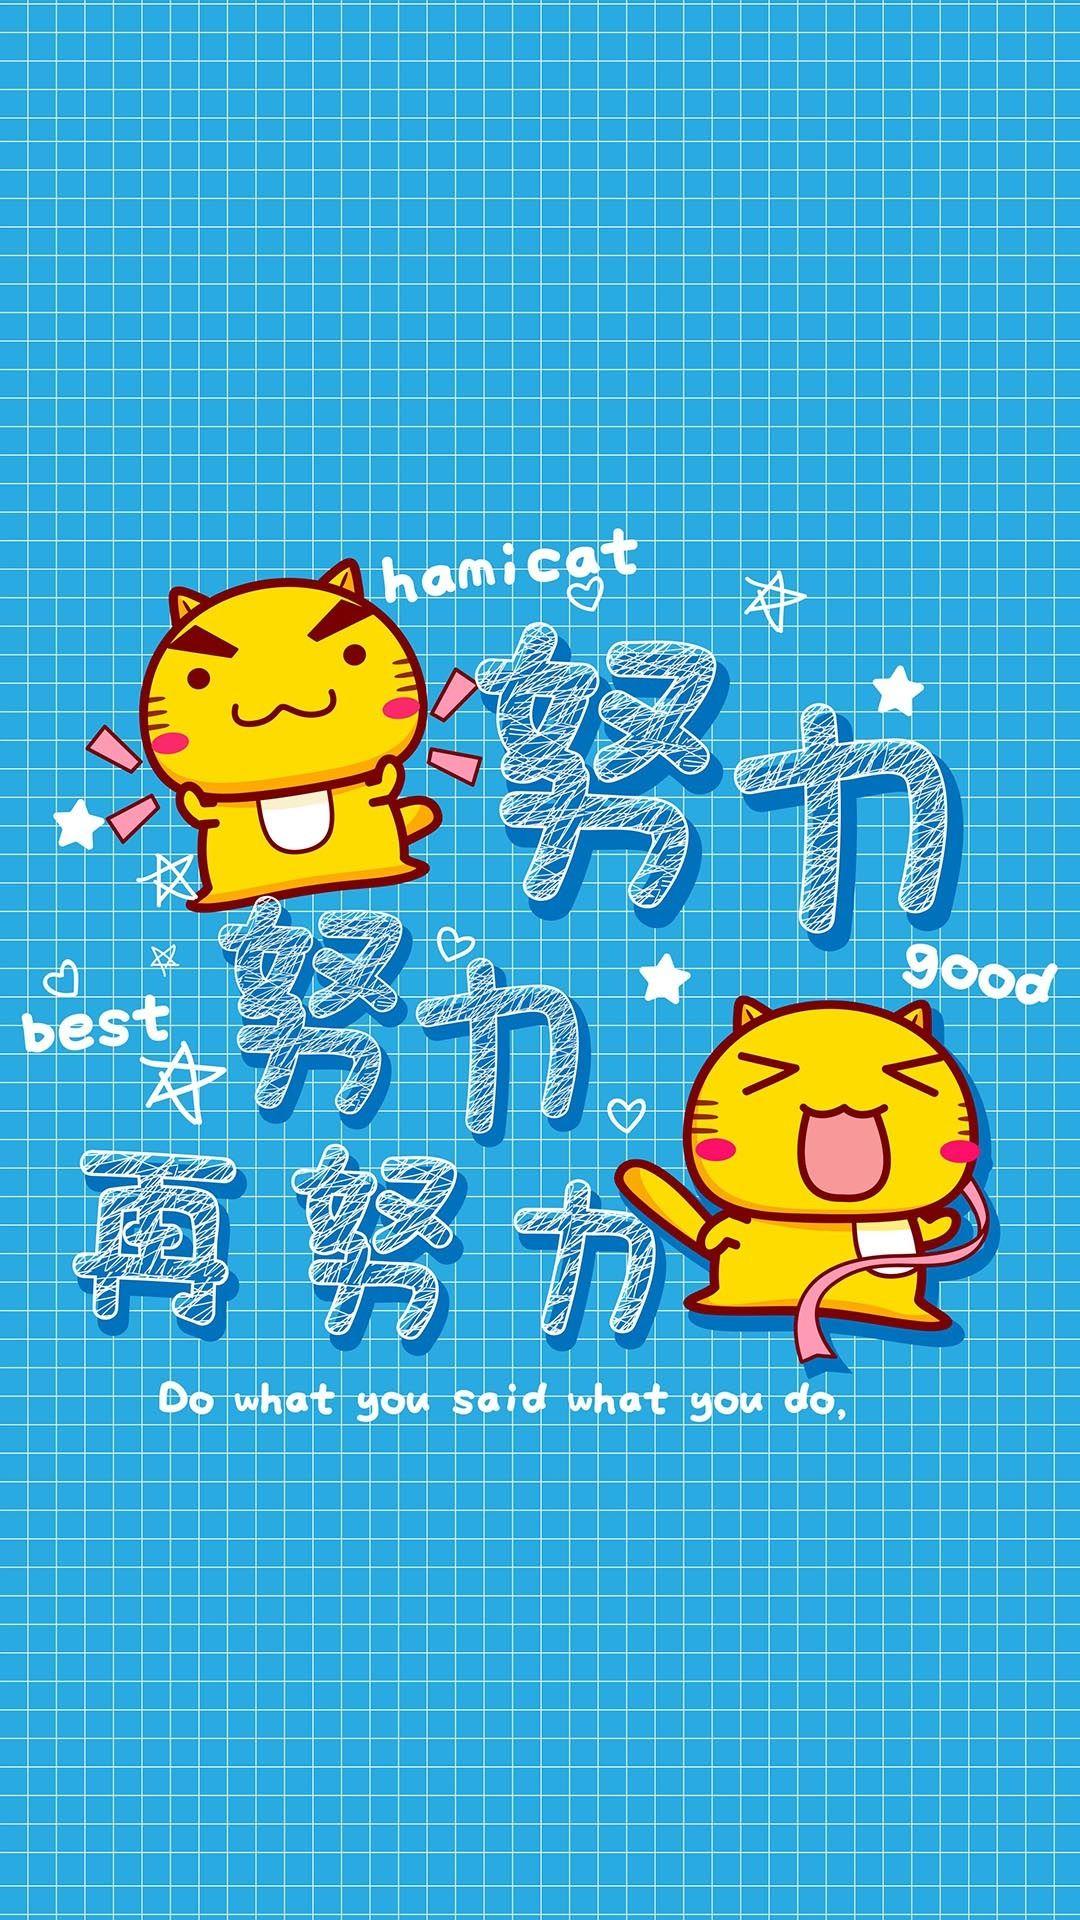 可爱哈咪猫正能量卡通手机壁纸,传递给你满满的正能量